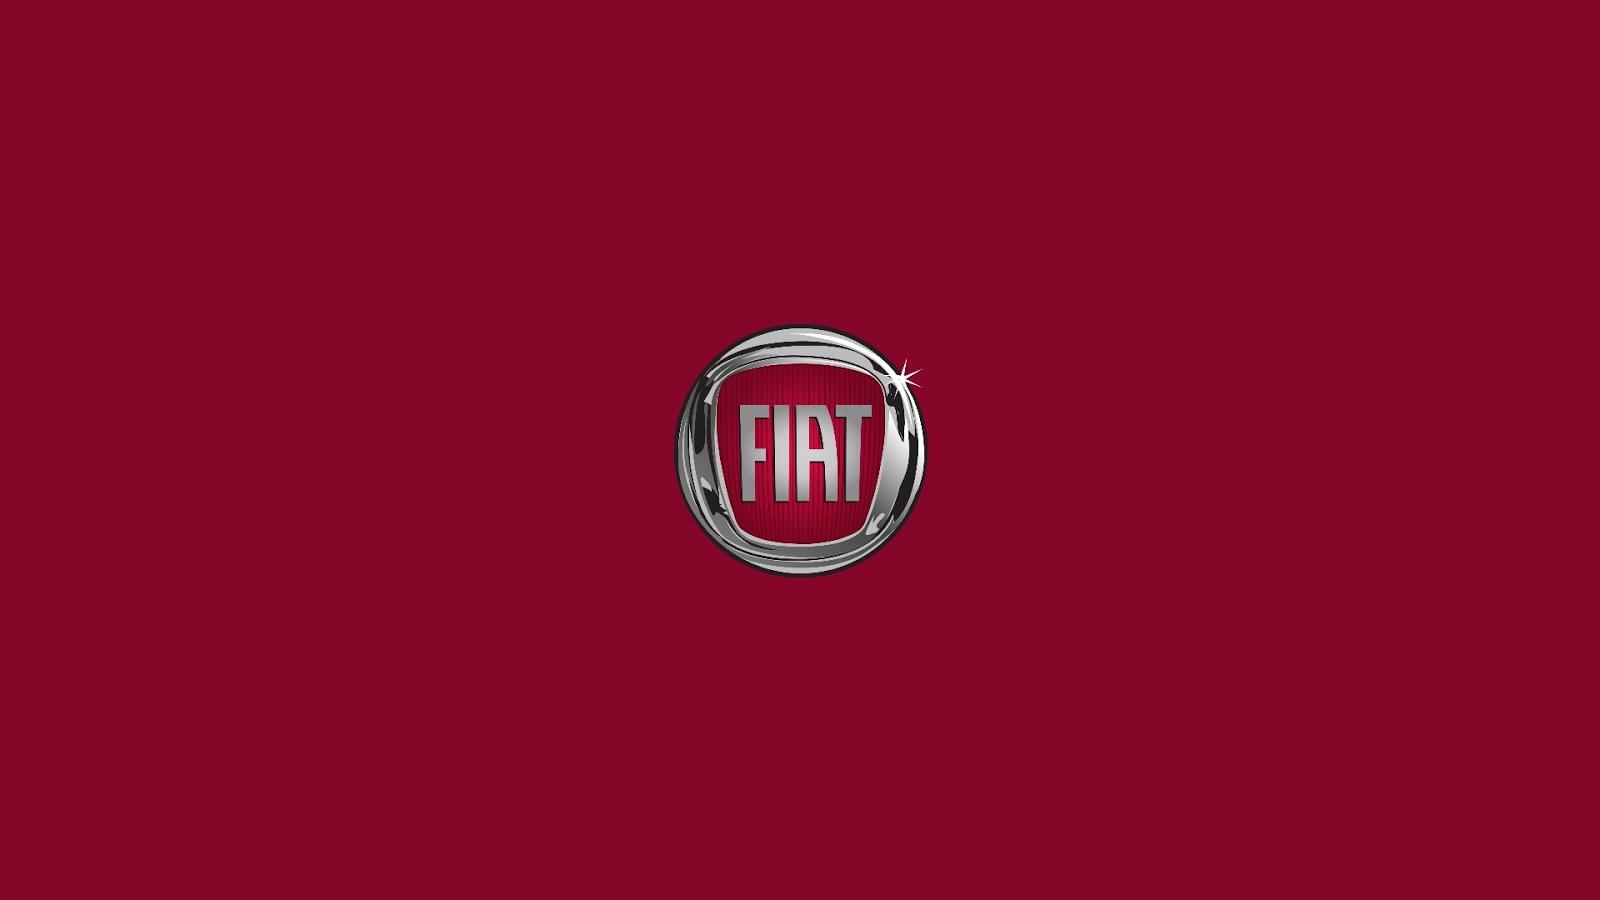 Imagehub Fiat Logo Hd Free Download